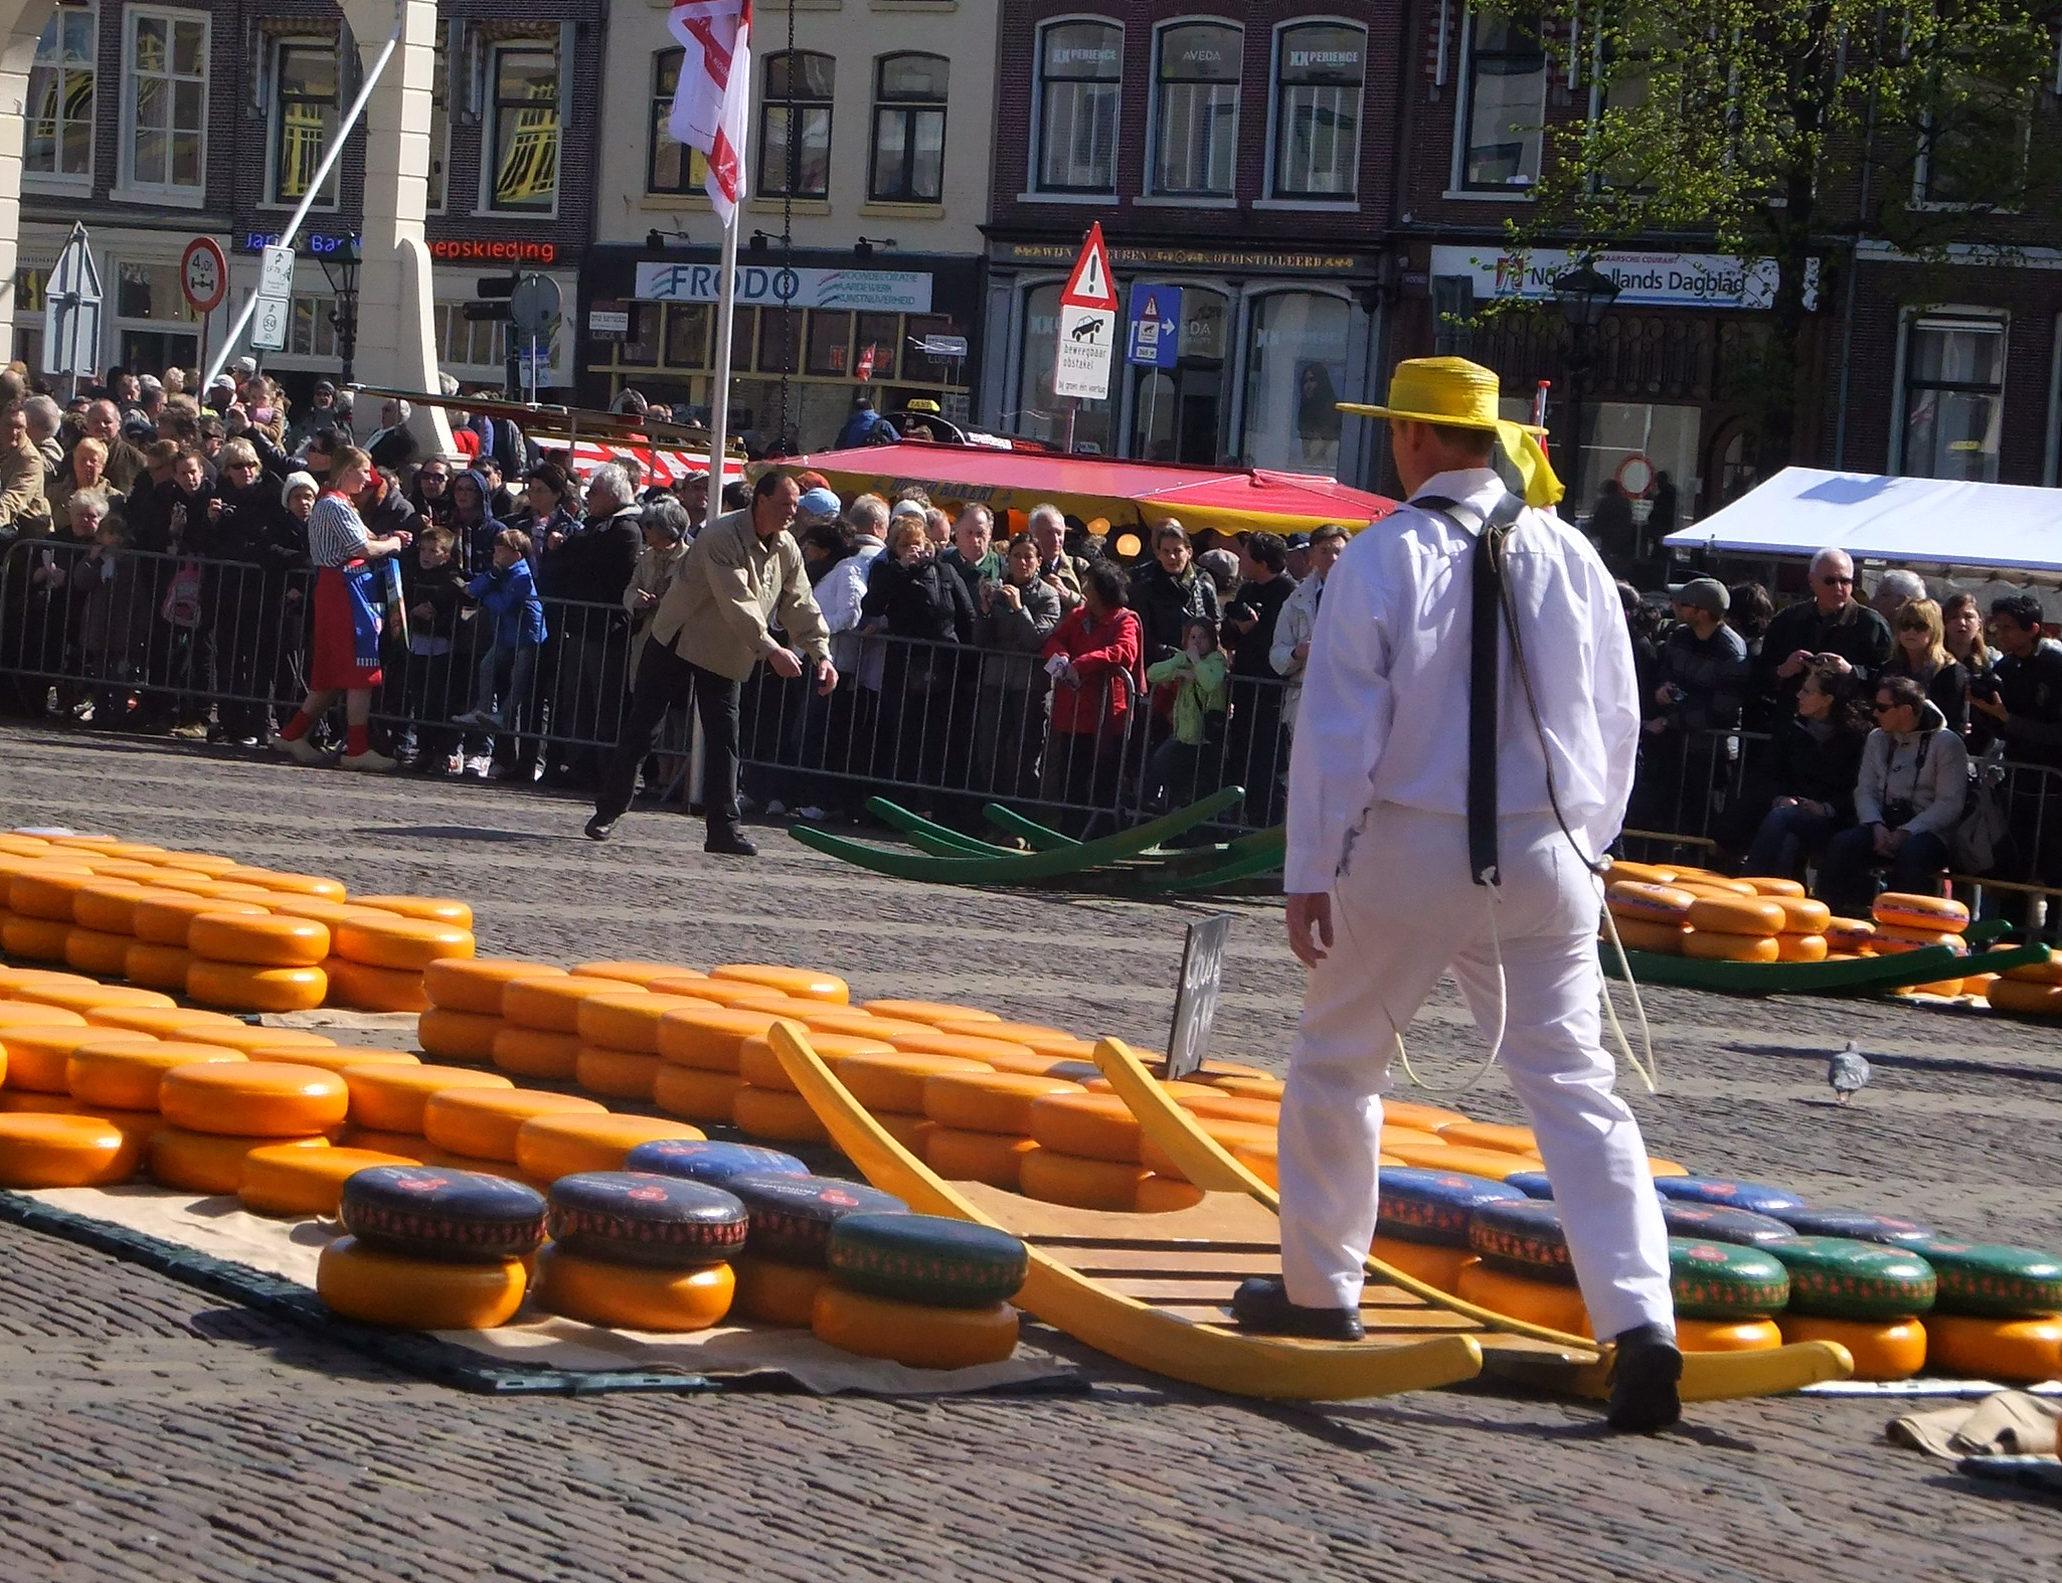 オランダ伝統のチーズマーケット「Kaasmarkt 」